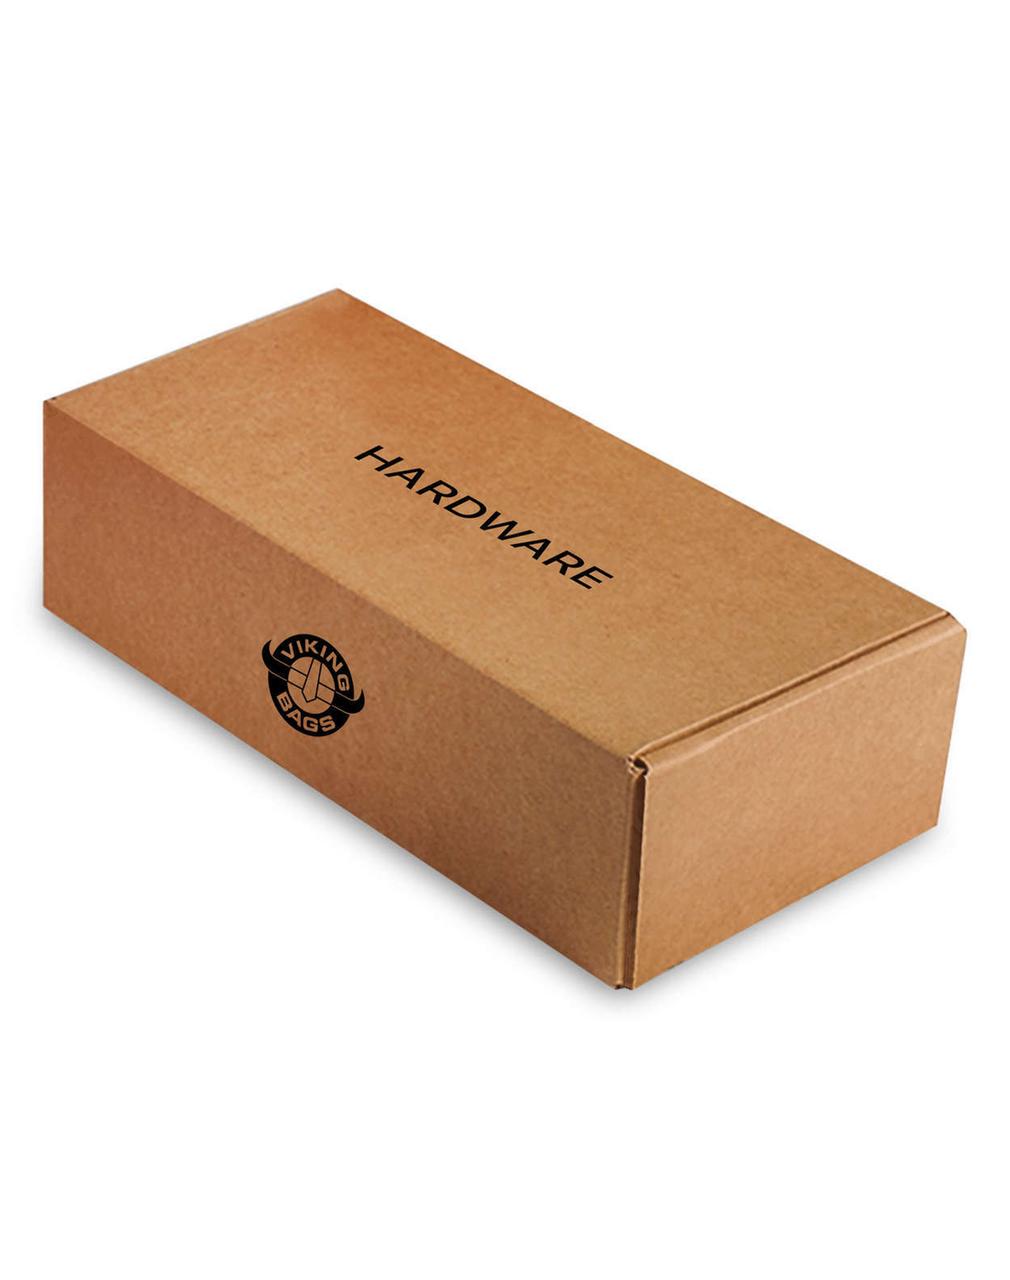 Triumph Thunderbird Charger Slanted Studded Medium Motorcycle Saddlebags Box